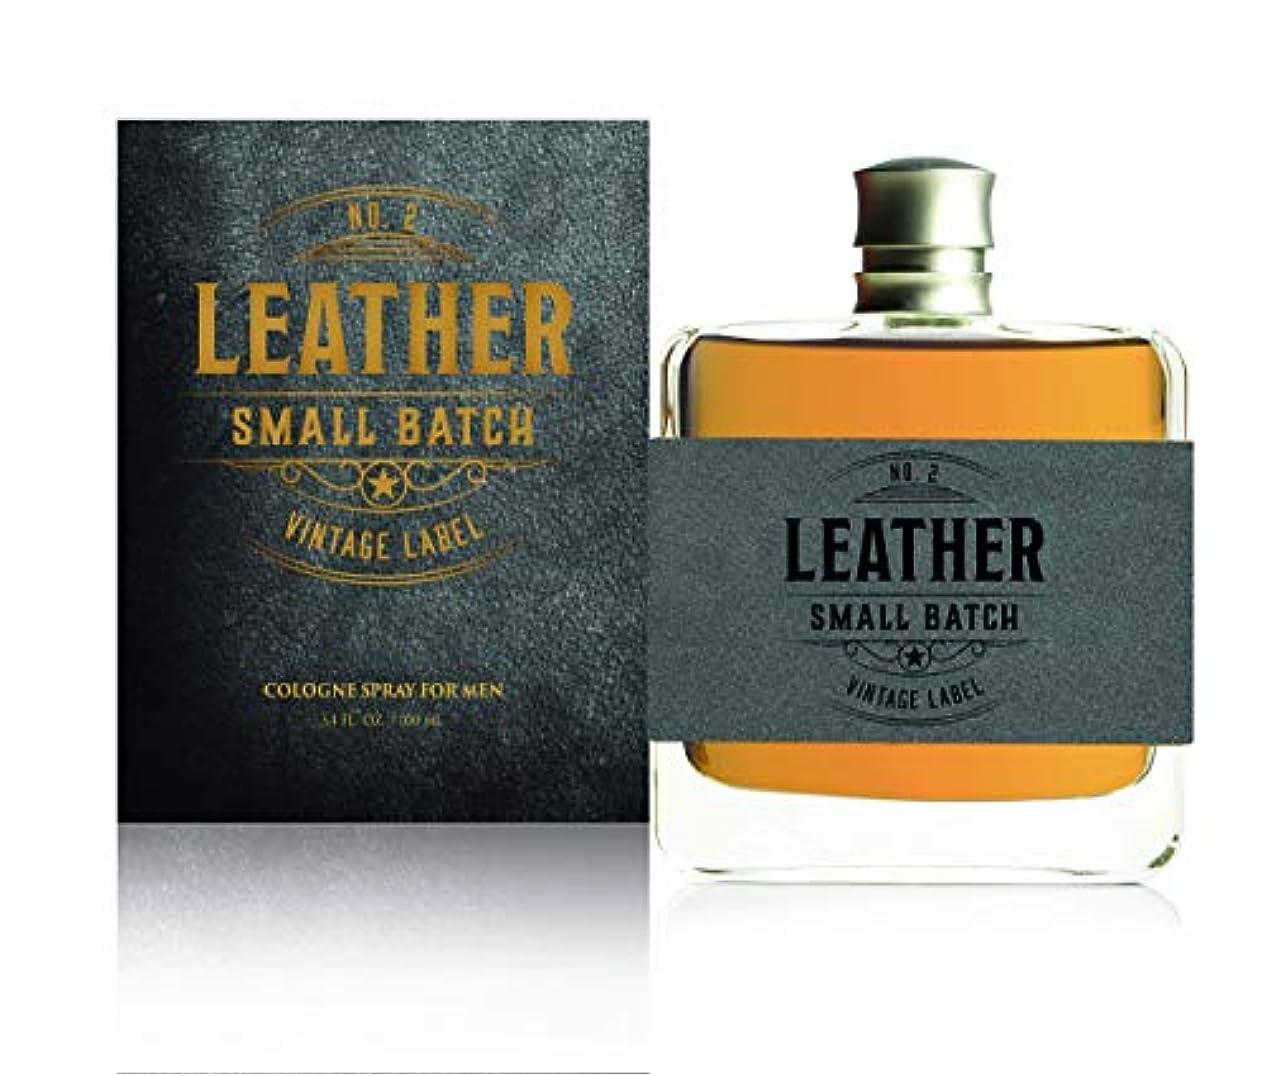 卒業わずかに不健全Tru Fragrance & Beauty 男性用レザー第2小ロットヴィンテージはラベル-本格フレグランス香水 - 大胆な男性の香り - ウッディノート - 3.4オズ